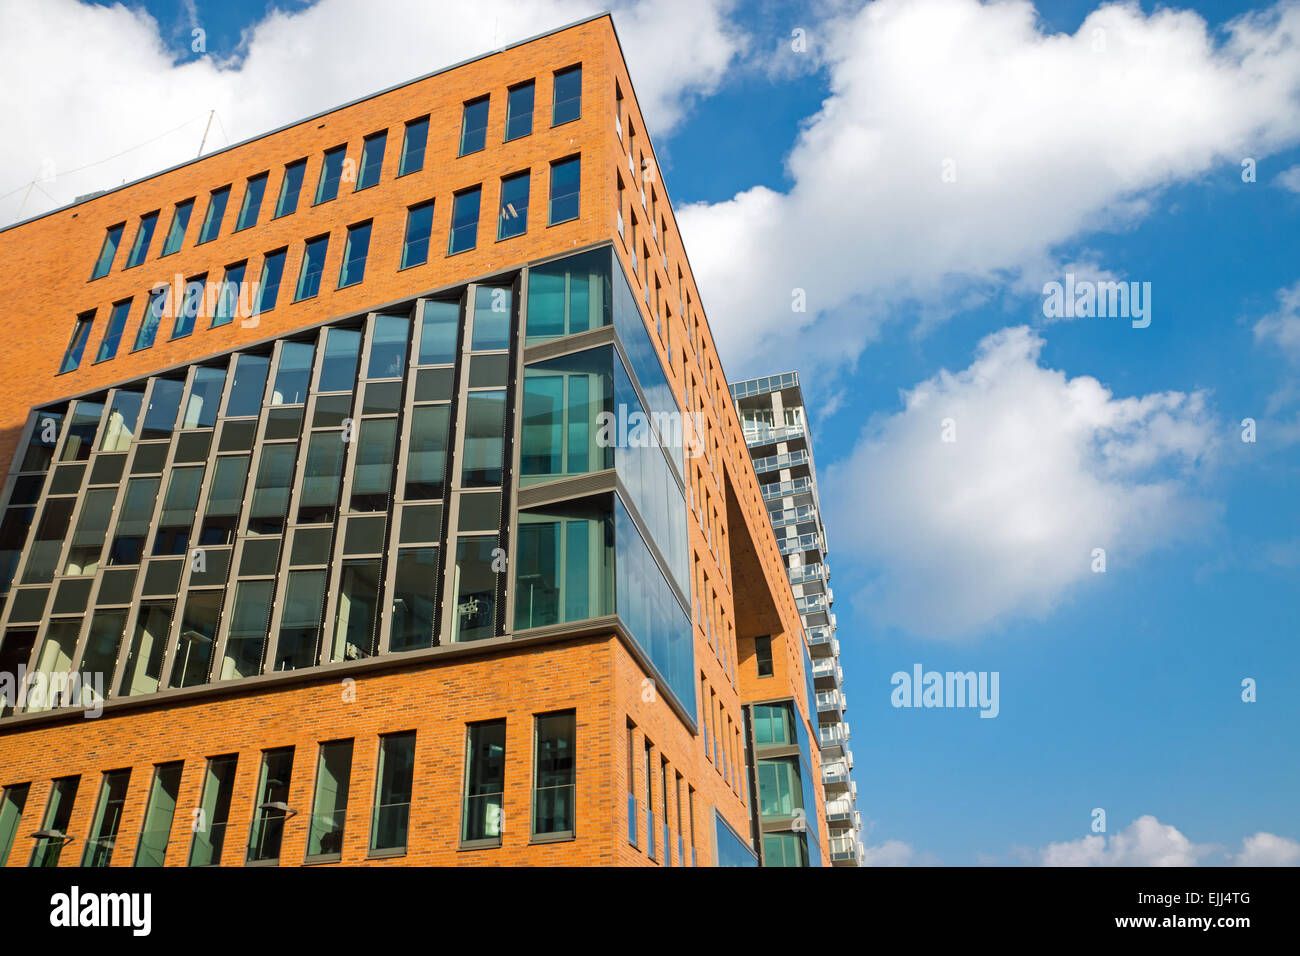 Un immeuble de bureaux modernes avec des briques rouges et une